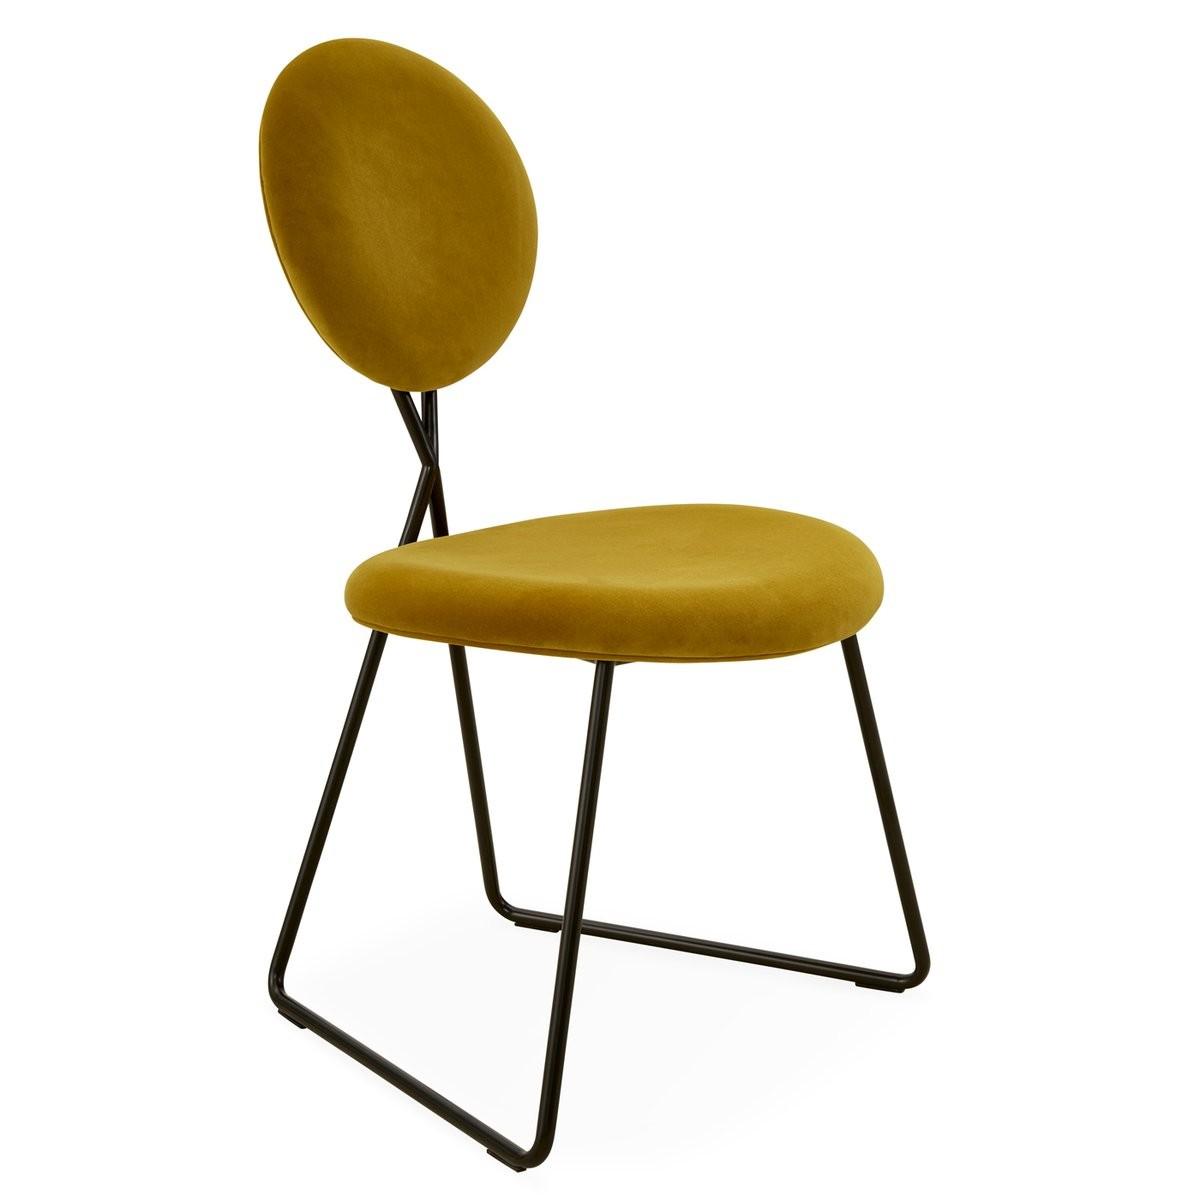 Jonathan Adler I Caprice Dining Chair